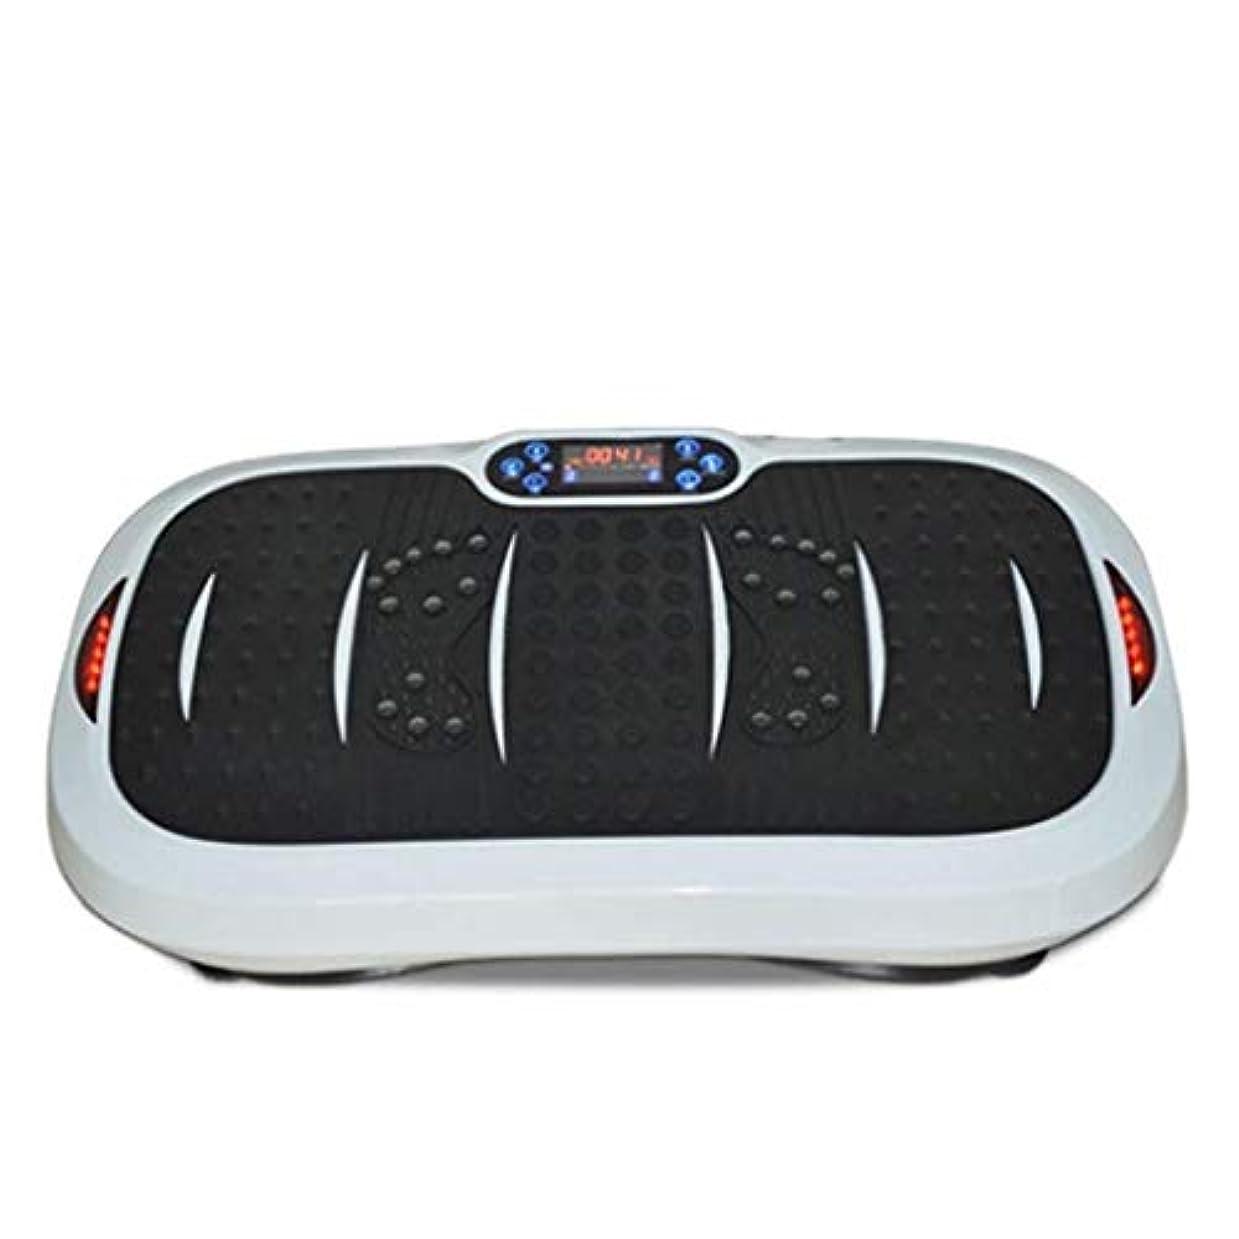 狂ったミットパワー家庭用減量装置、超薄型振動フィットネストレーナー、スポーツおよび3Dフィットネス振動プレート、USB音楽/スピーカー付き/ 99レベル減速ボディおよびタッチディスプレイ滑り止め表面